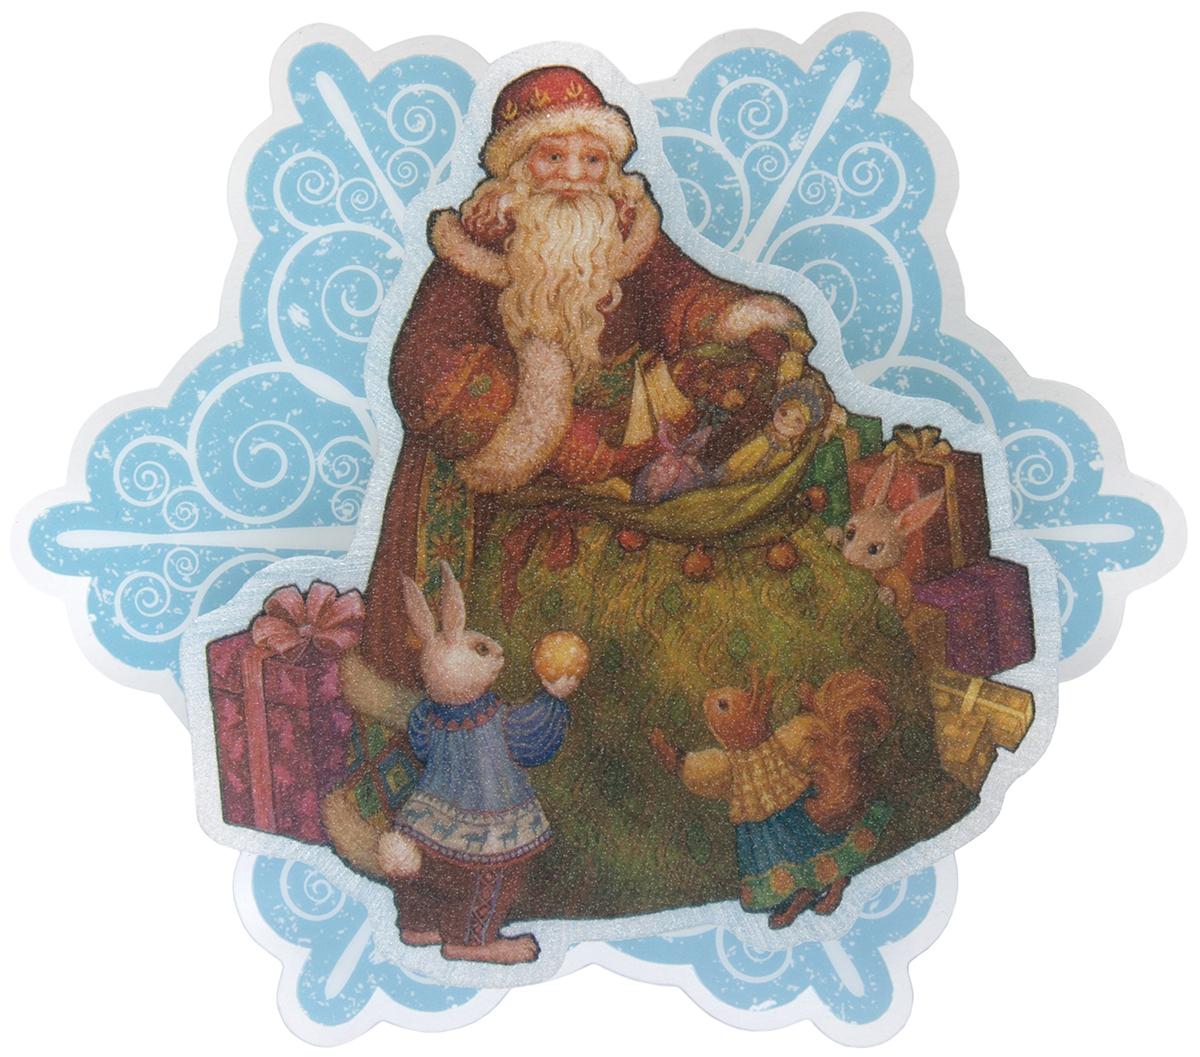 Украшение новогоднее Magic Time Мешок с подарками, с подсветкой статуэтки magic time обезьяна клоун с кеглями